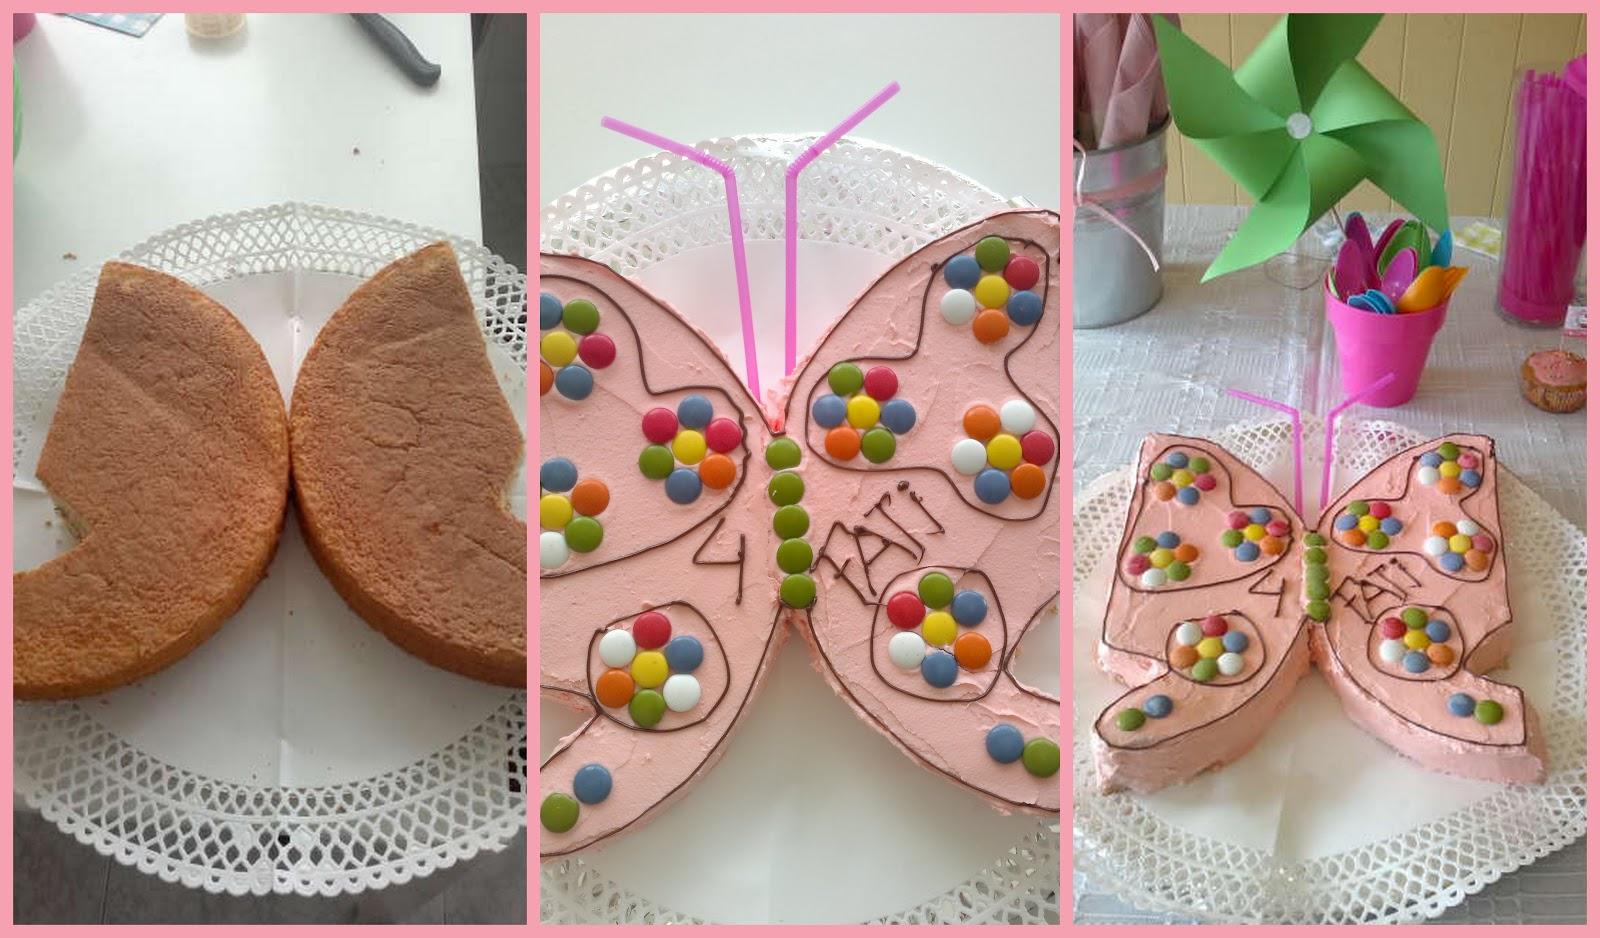 Tartas Faciles De Cumpleaos Para Nios - Como-decorar-una-tarta-de-cumpleaos-para-nios